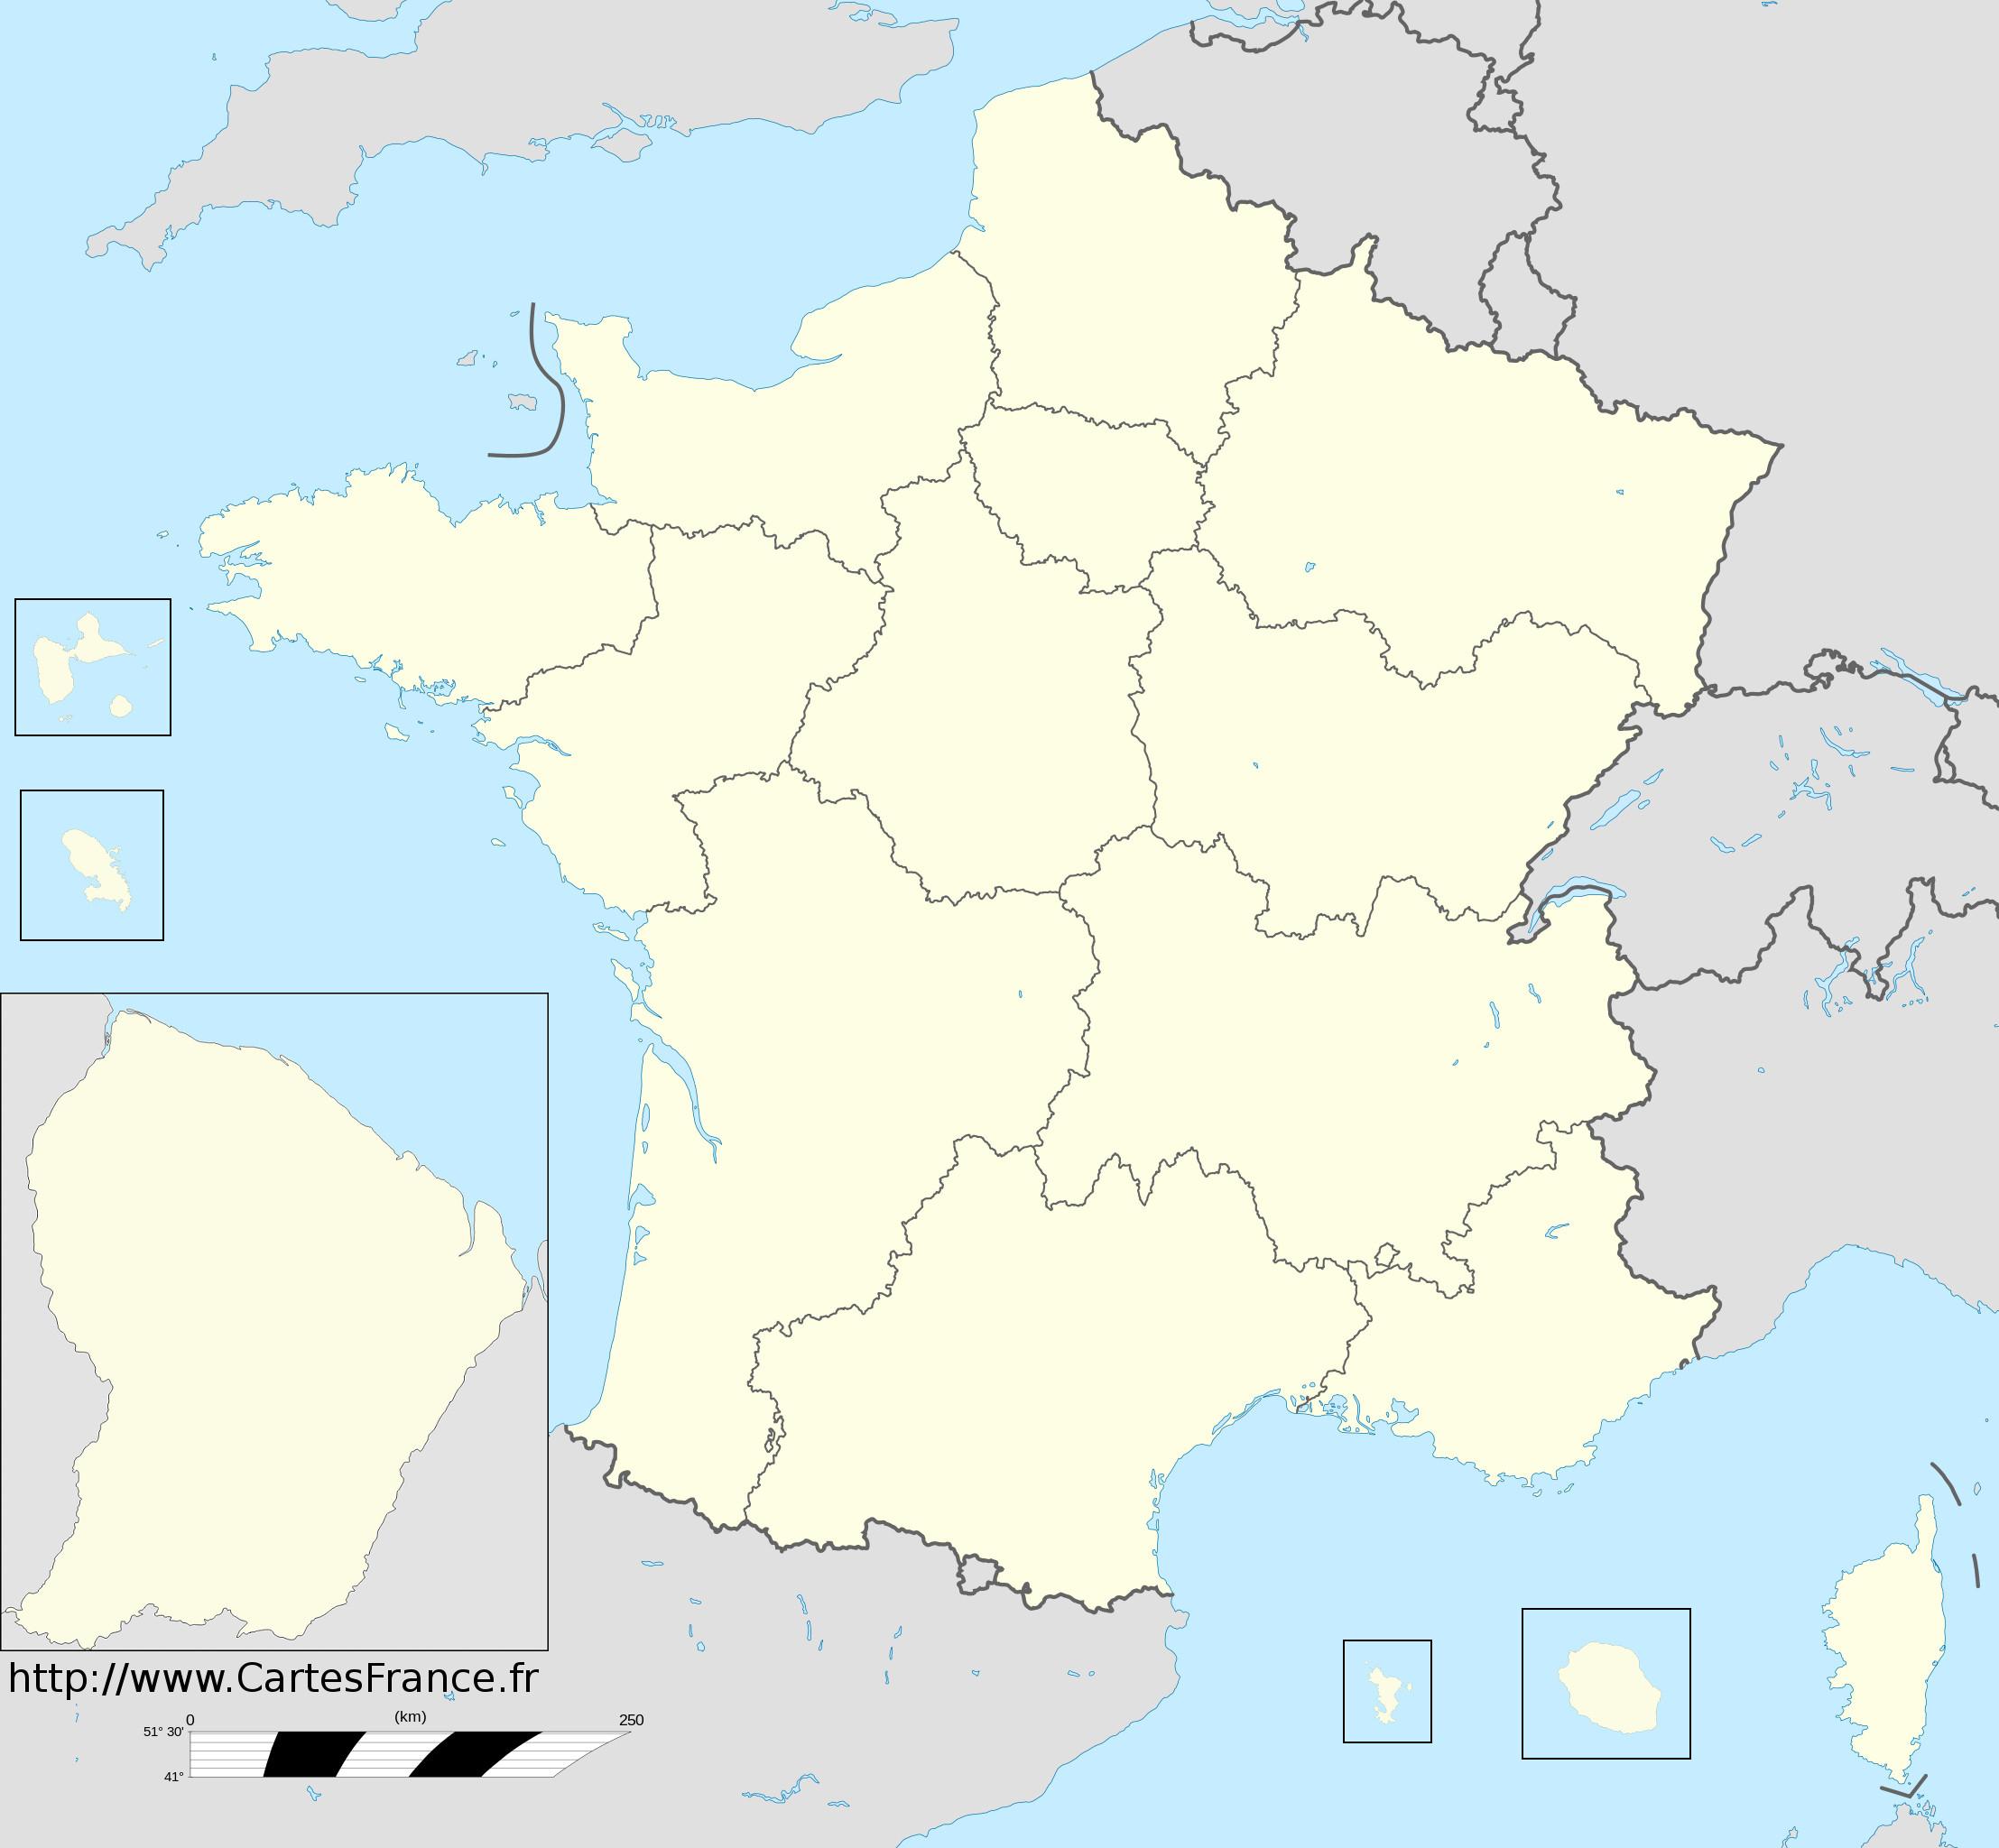 Fonds De Cartes De France tout Carte France Vierge Villes